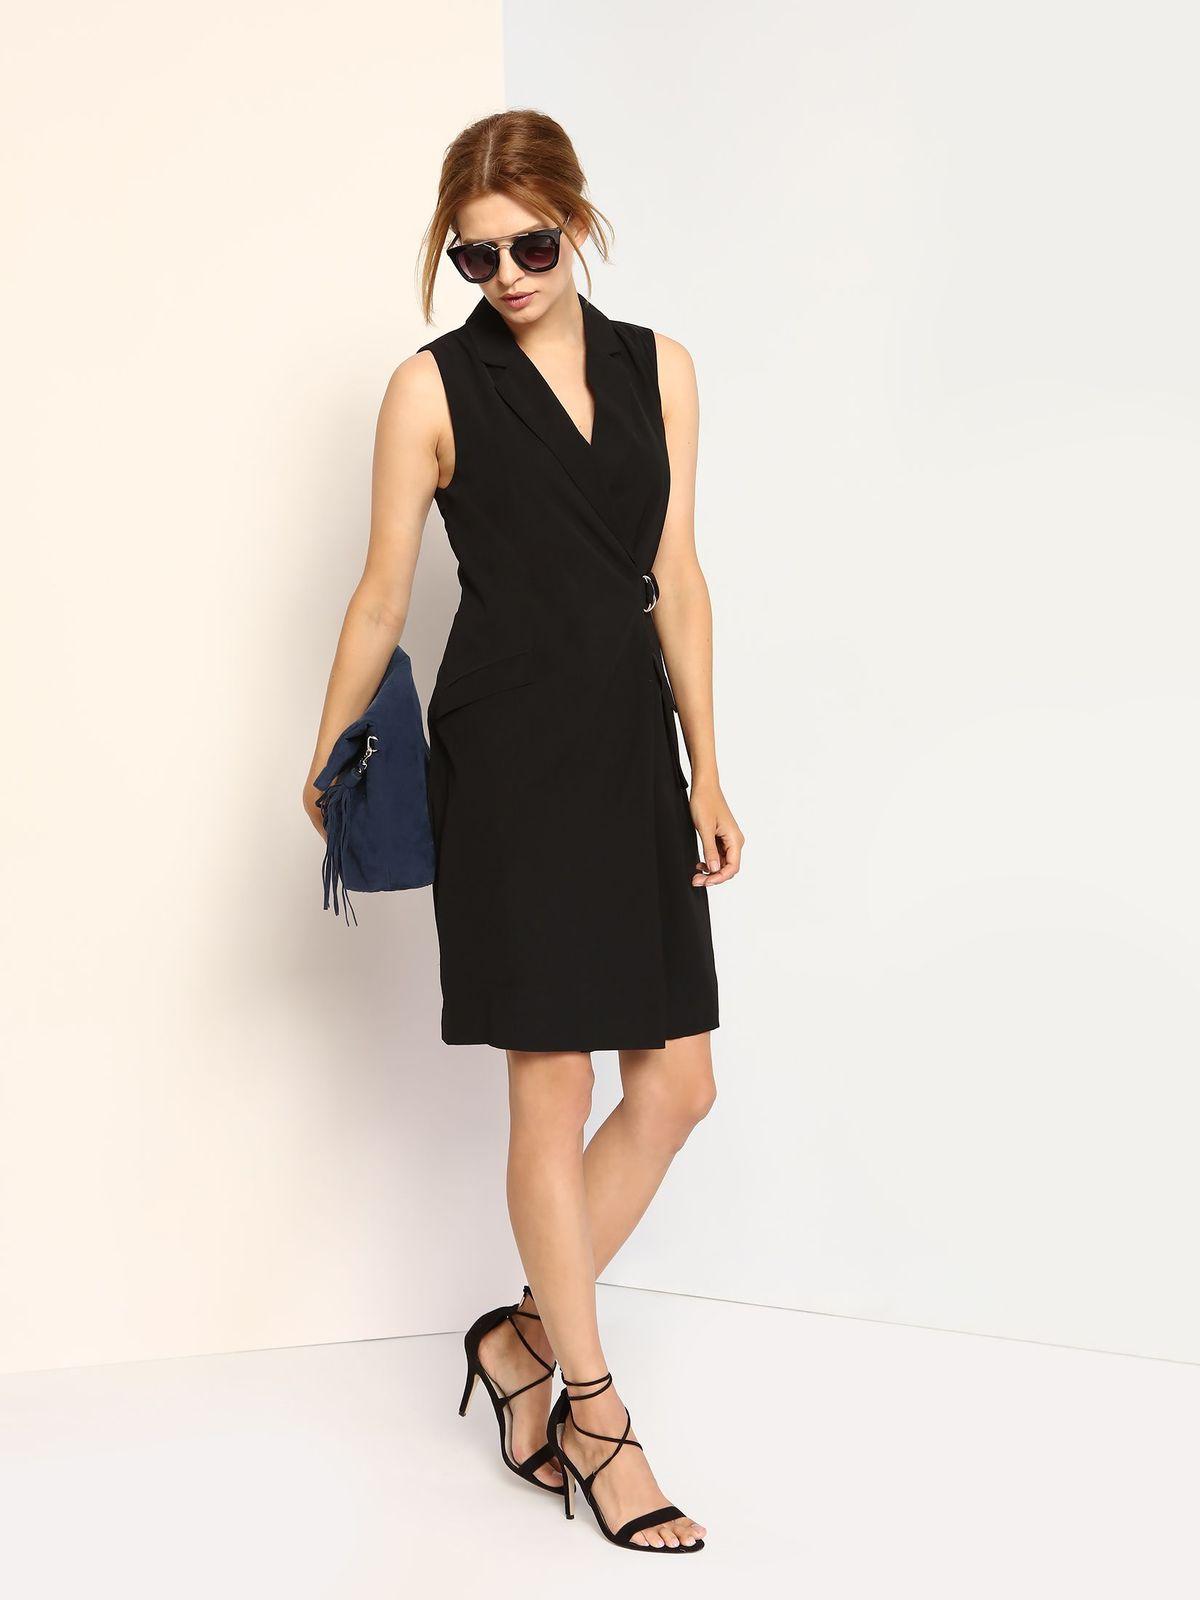 Платье Top Secret, цвет: черный. SAP0002CA. Размер 40 (46)SAP0002CAКлассической платье Top Secret, изготовленное из полиэстера, оно приятное на ощупь, не раздражает кожу и хорошо вентилируется.Модель-миди без рукавов оформлена воротником с лацканами. Перед платья с запахом застегивается на потайные пуговицы и кнопки. Перед изделия оформлен двумя прорезными карманами с защитными планками.